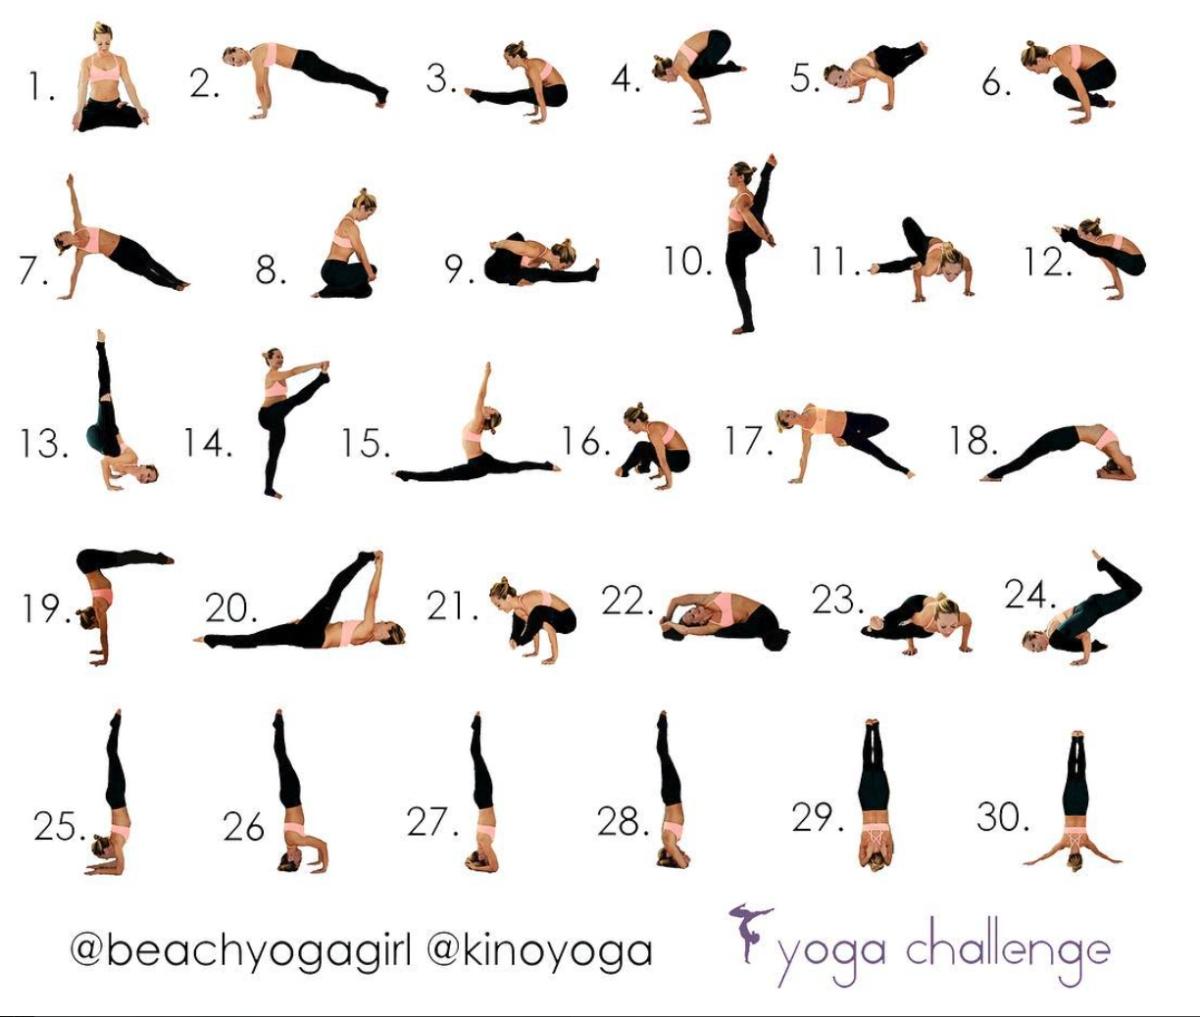 kino-yoga-challenge